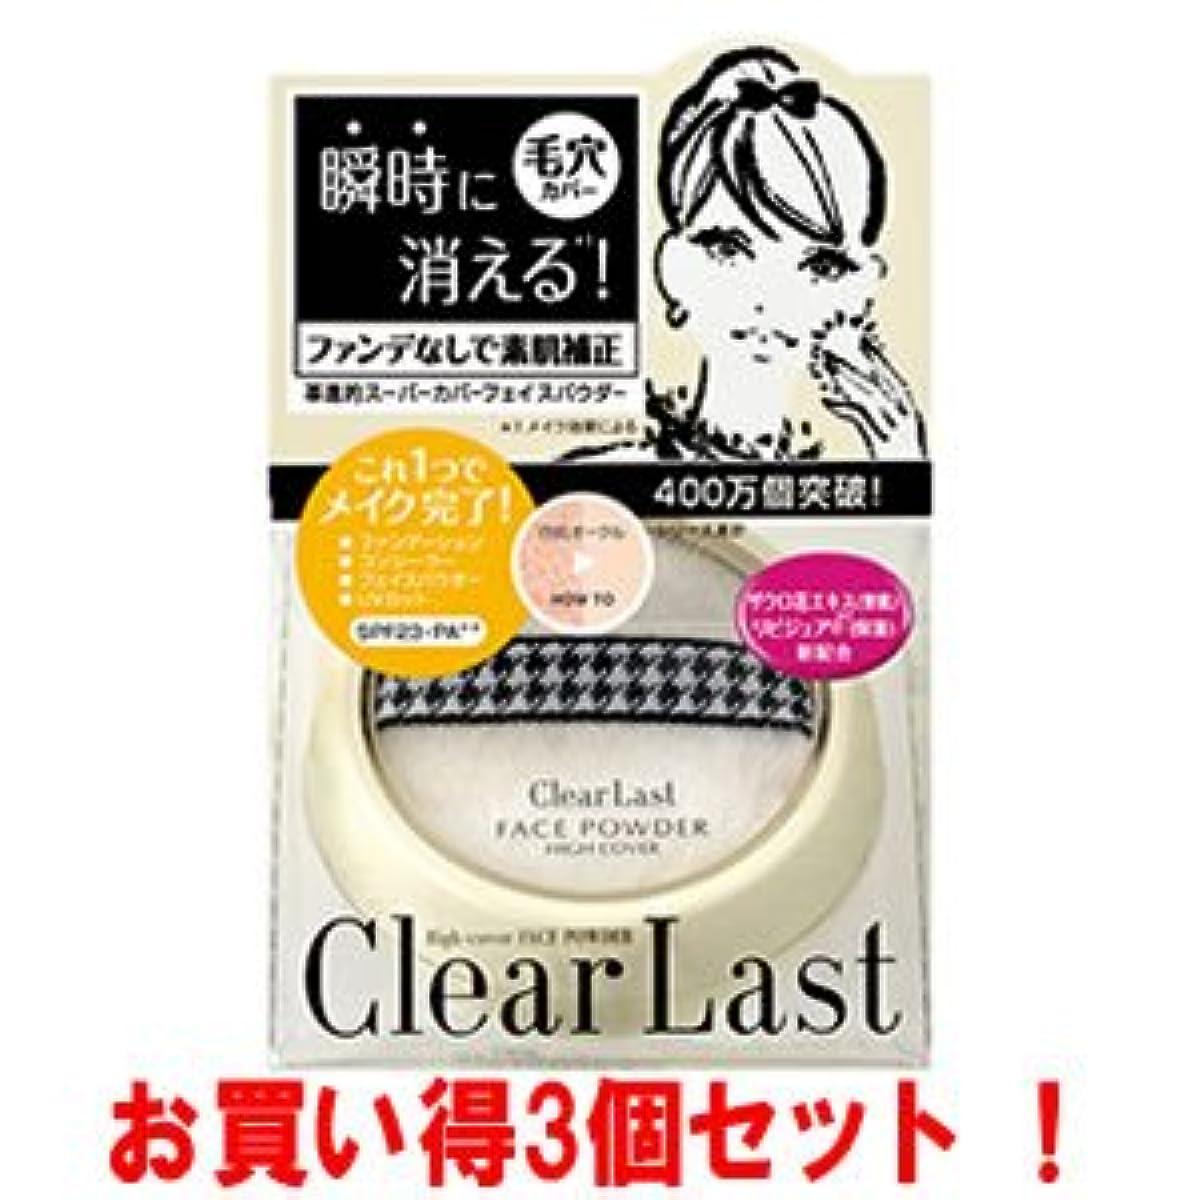 [해외] 클리어라스트 파우더 하이커버 흰피부 오클 3개세트